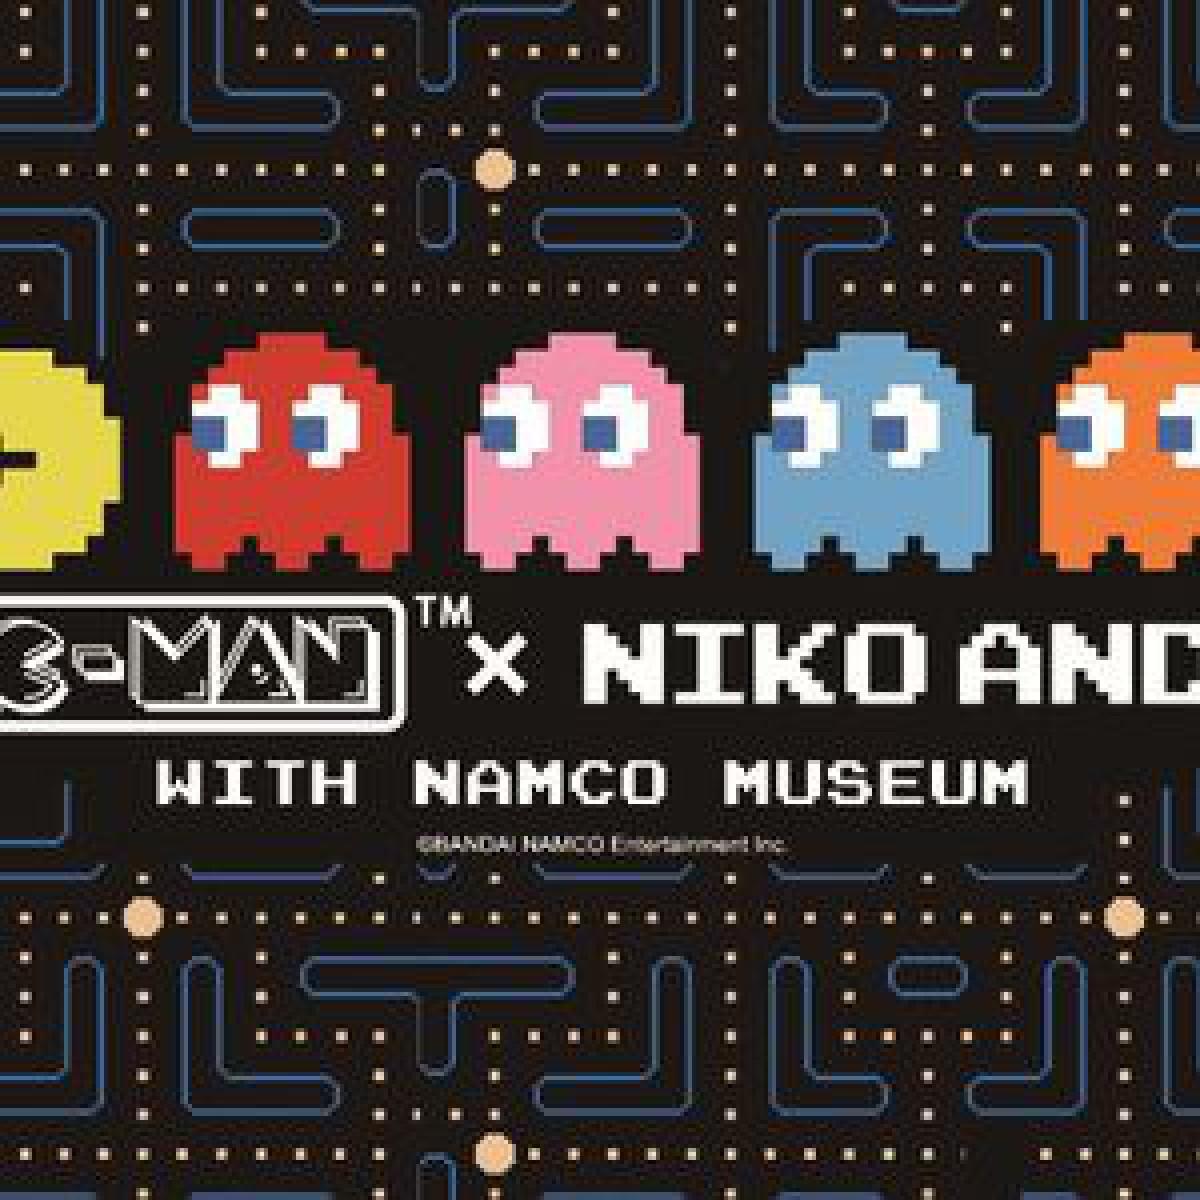 ニコアンドが人気ゲームとコラボ、パックマンをあしらったアイテムが登場